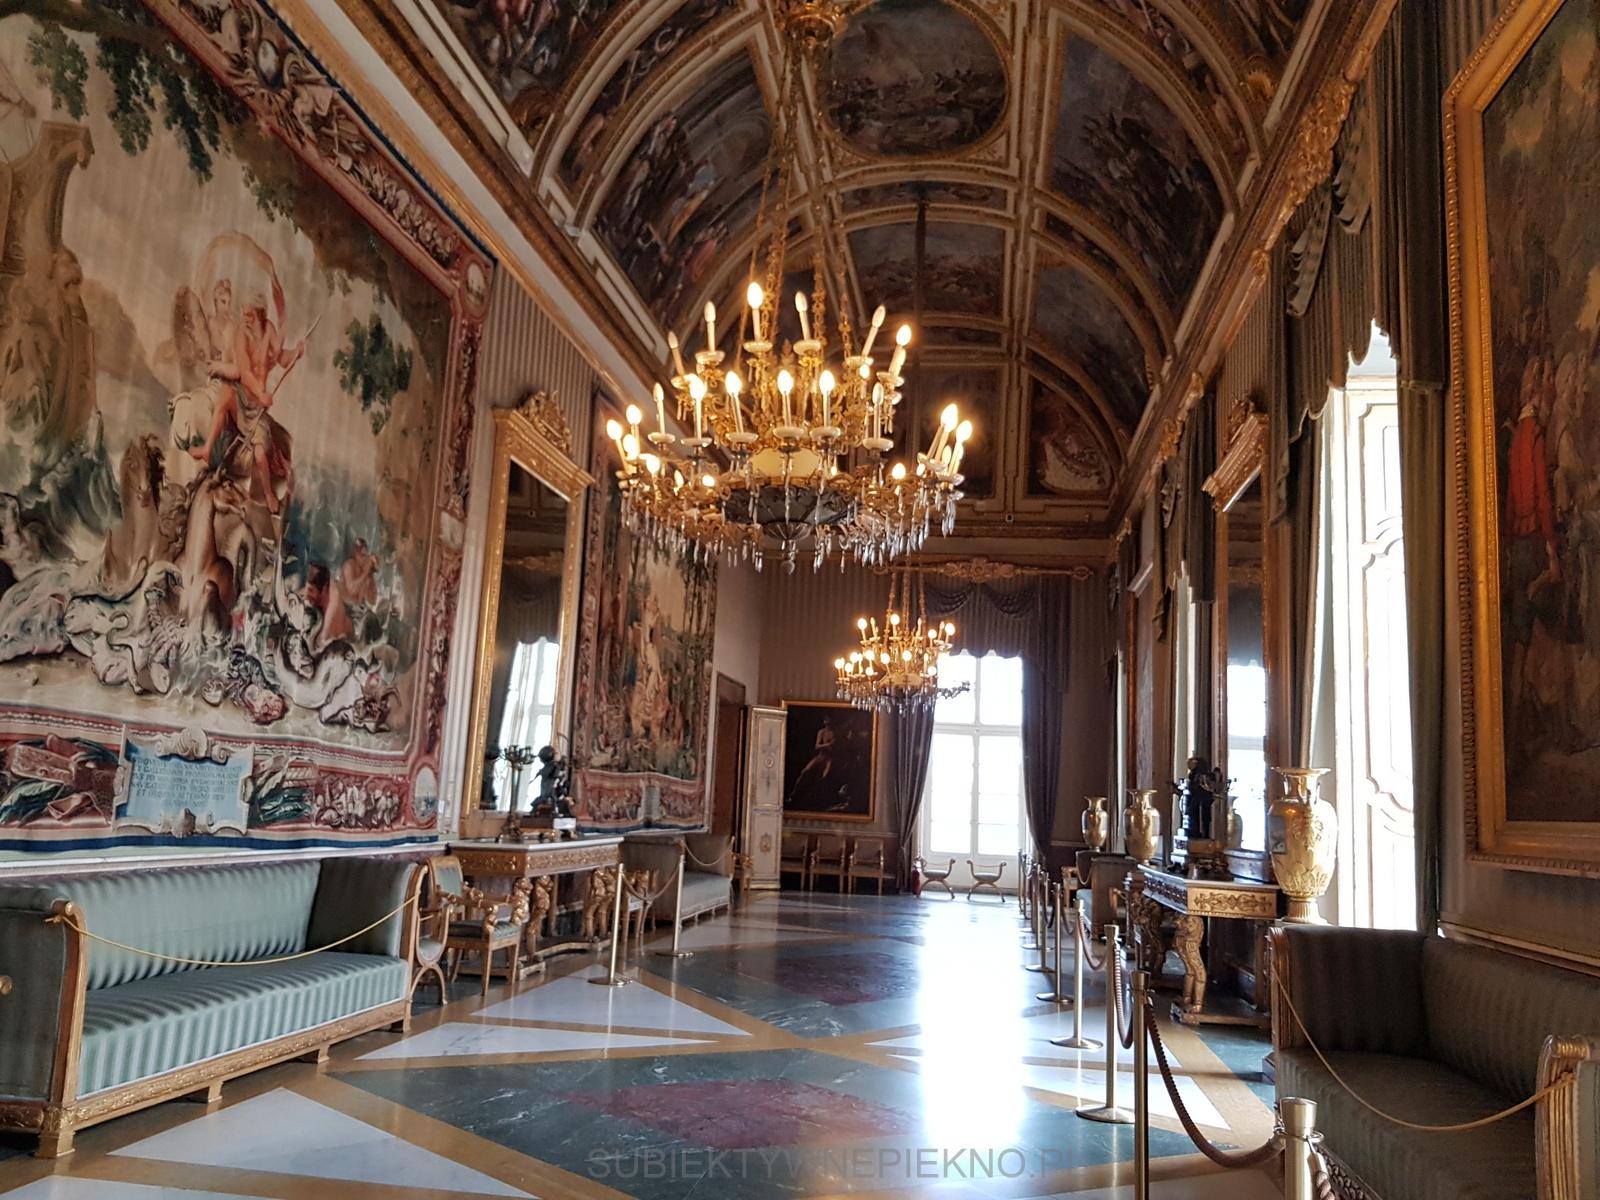 Neapol Włochy - Pałac Królewski w Neapolu. Czy warto zobaczyć Palazzo Reale di Napoli